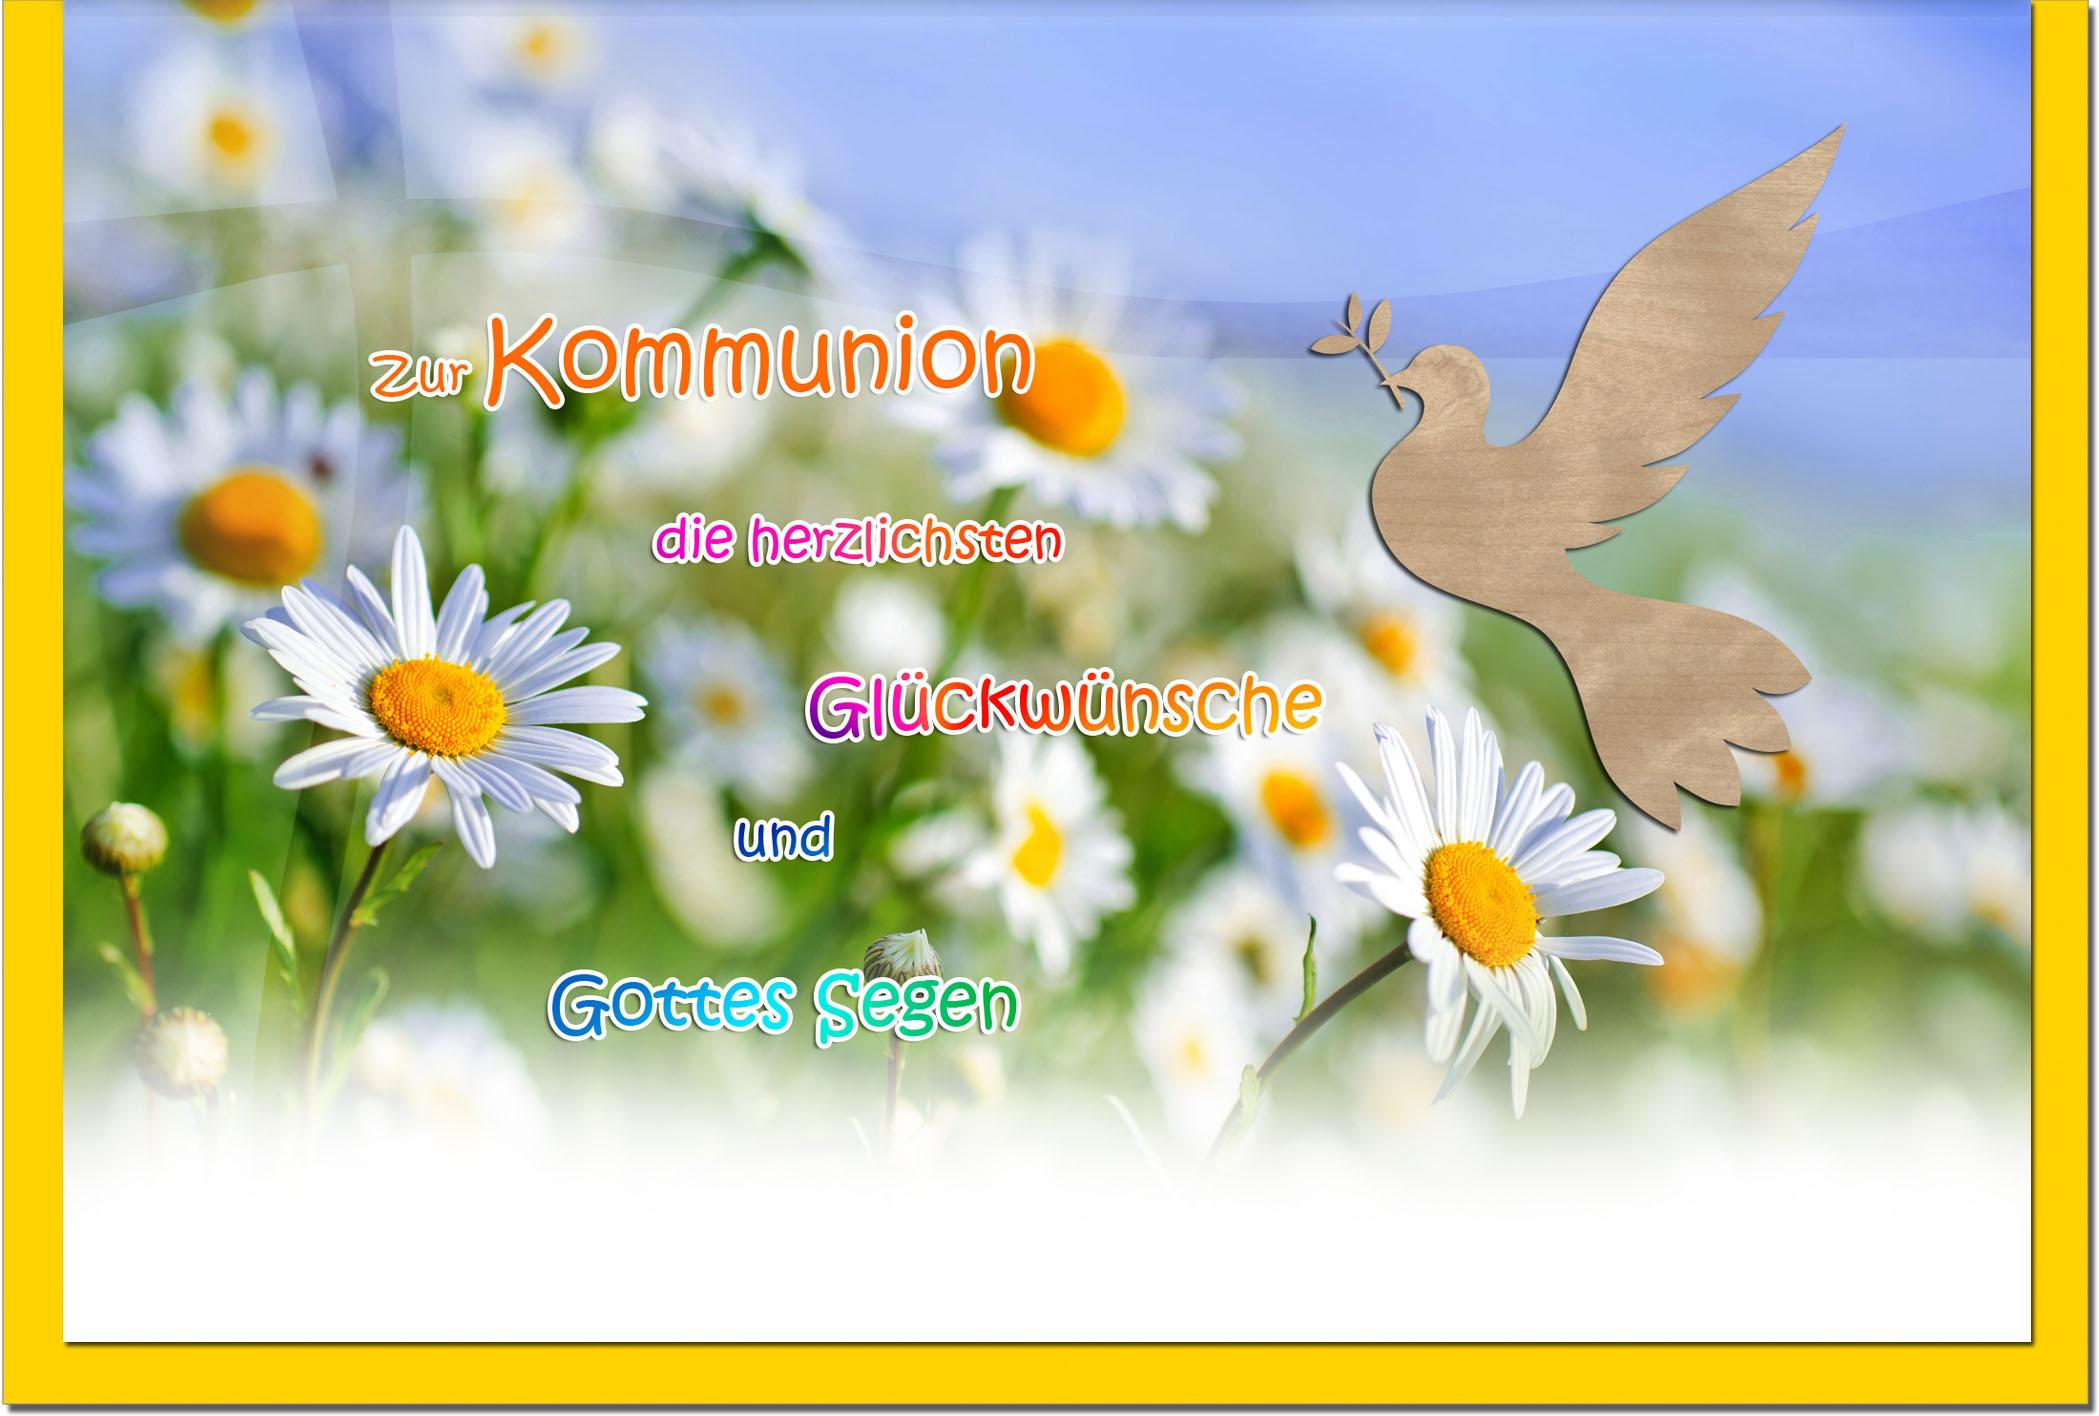 Kommunionskarten / Grußkarten / Glückwunschkarten /Kommunion Blumenwiese